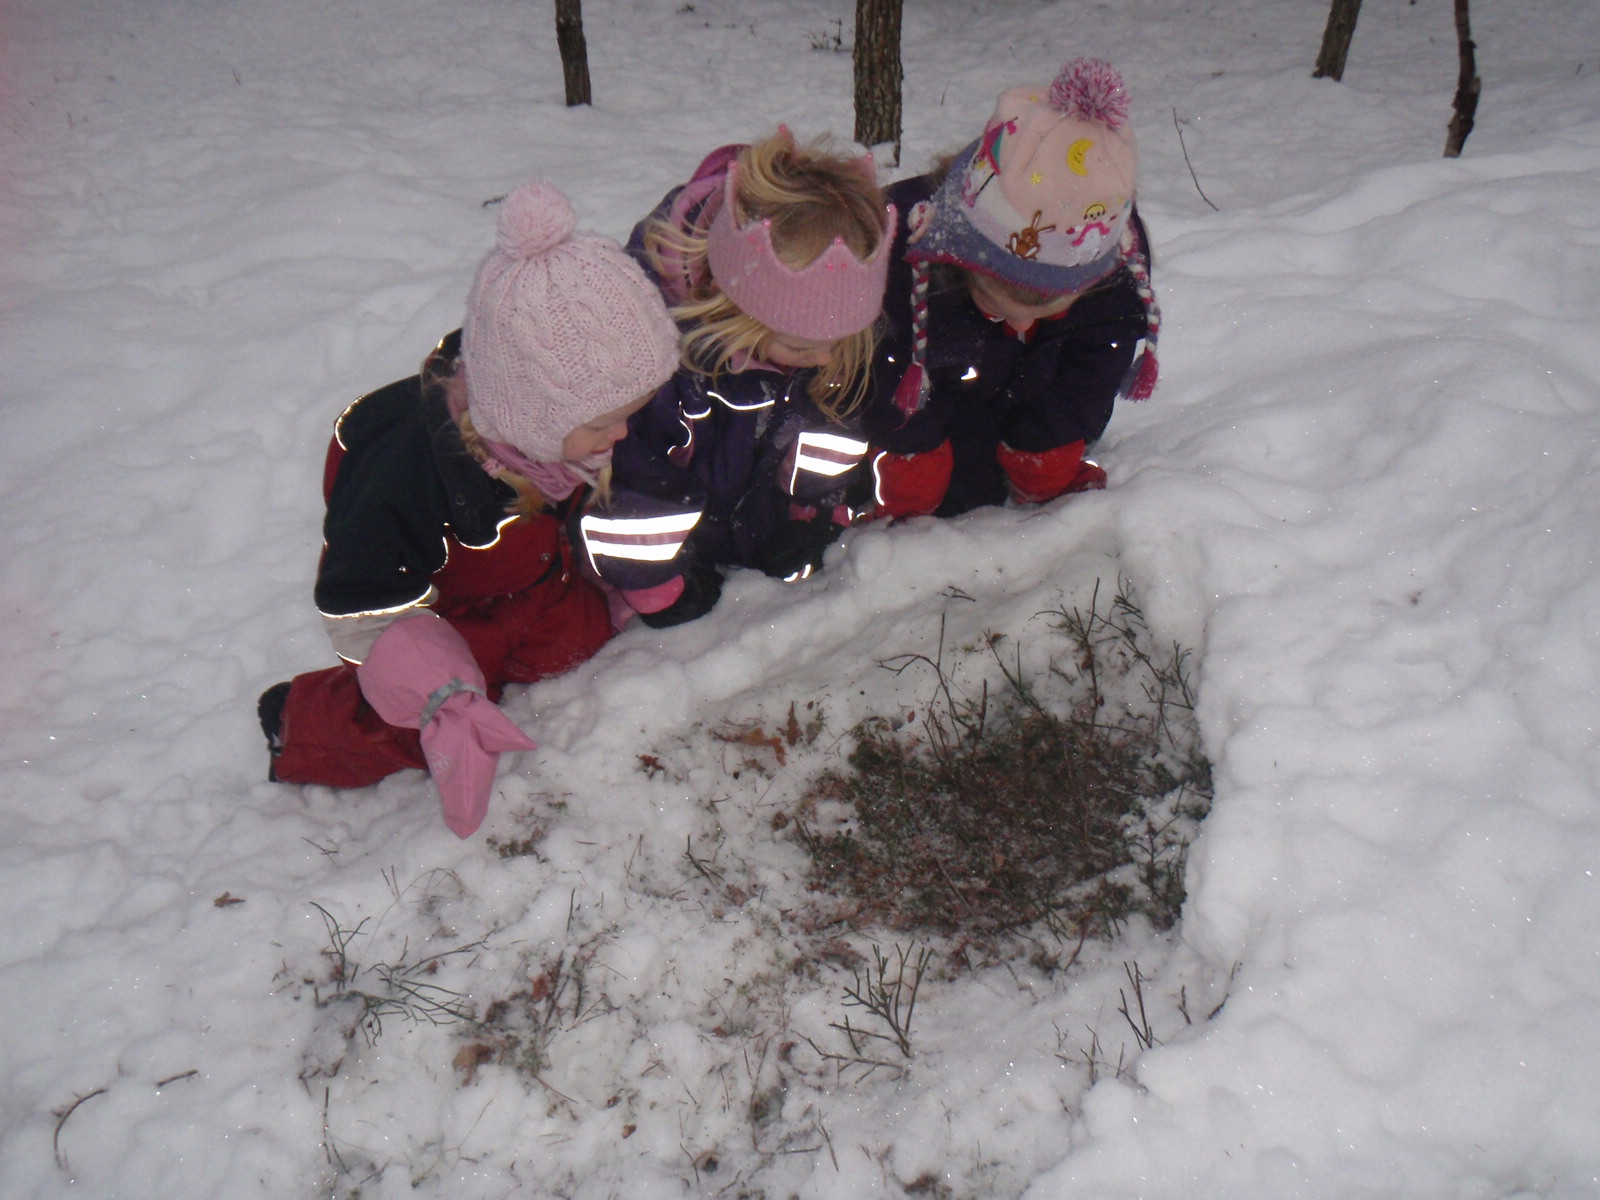 spor rådyr snø